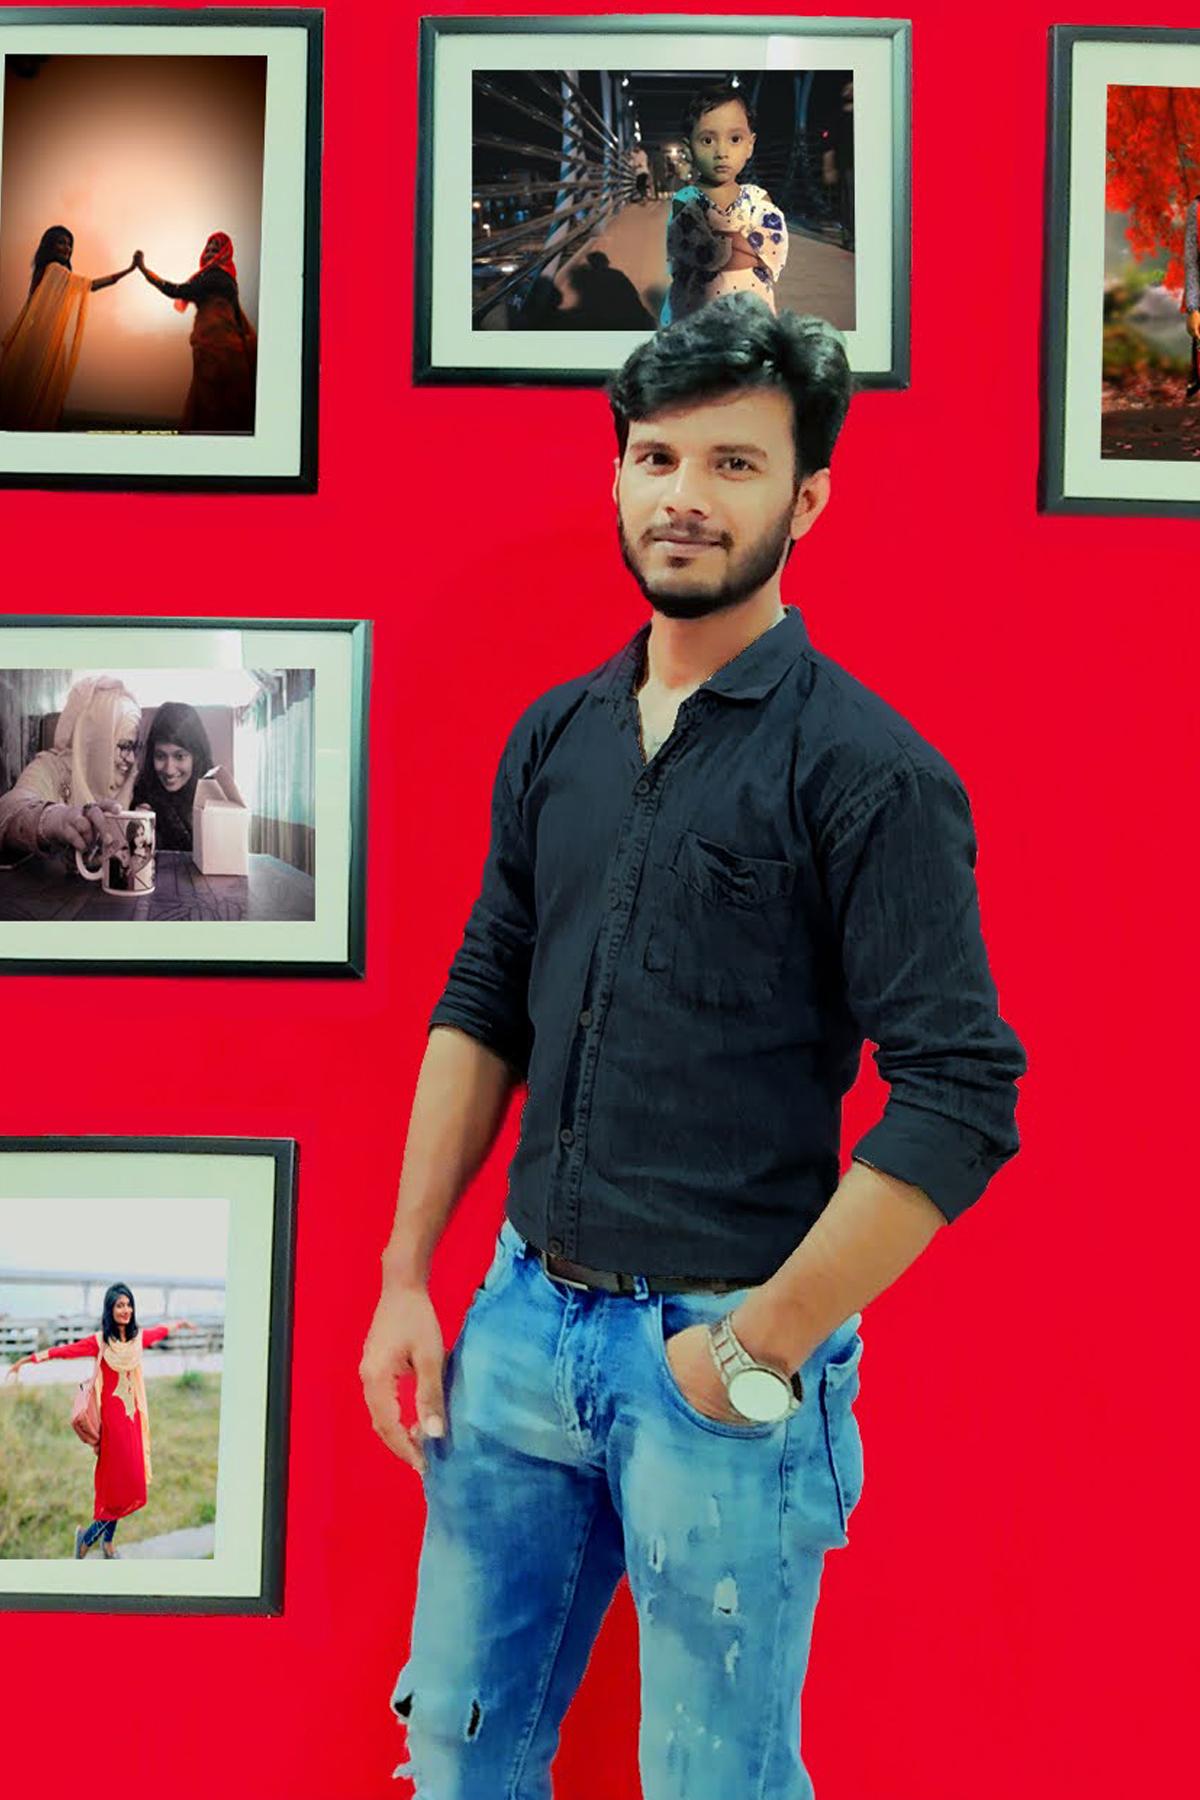 Fahim Mahmud